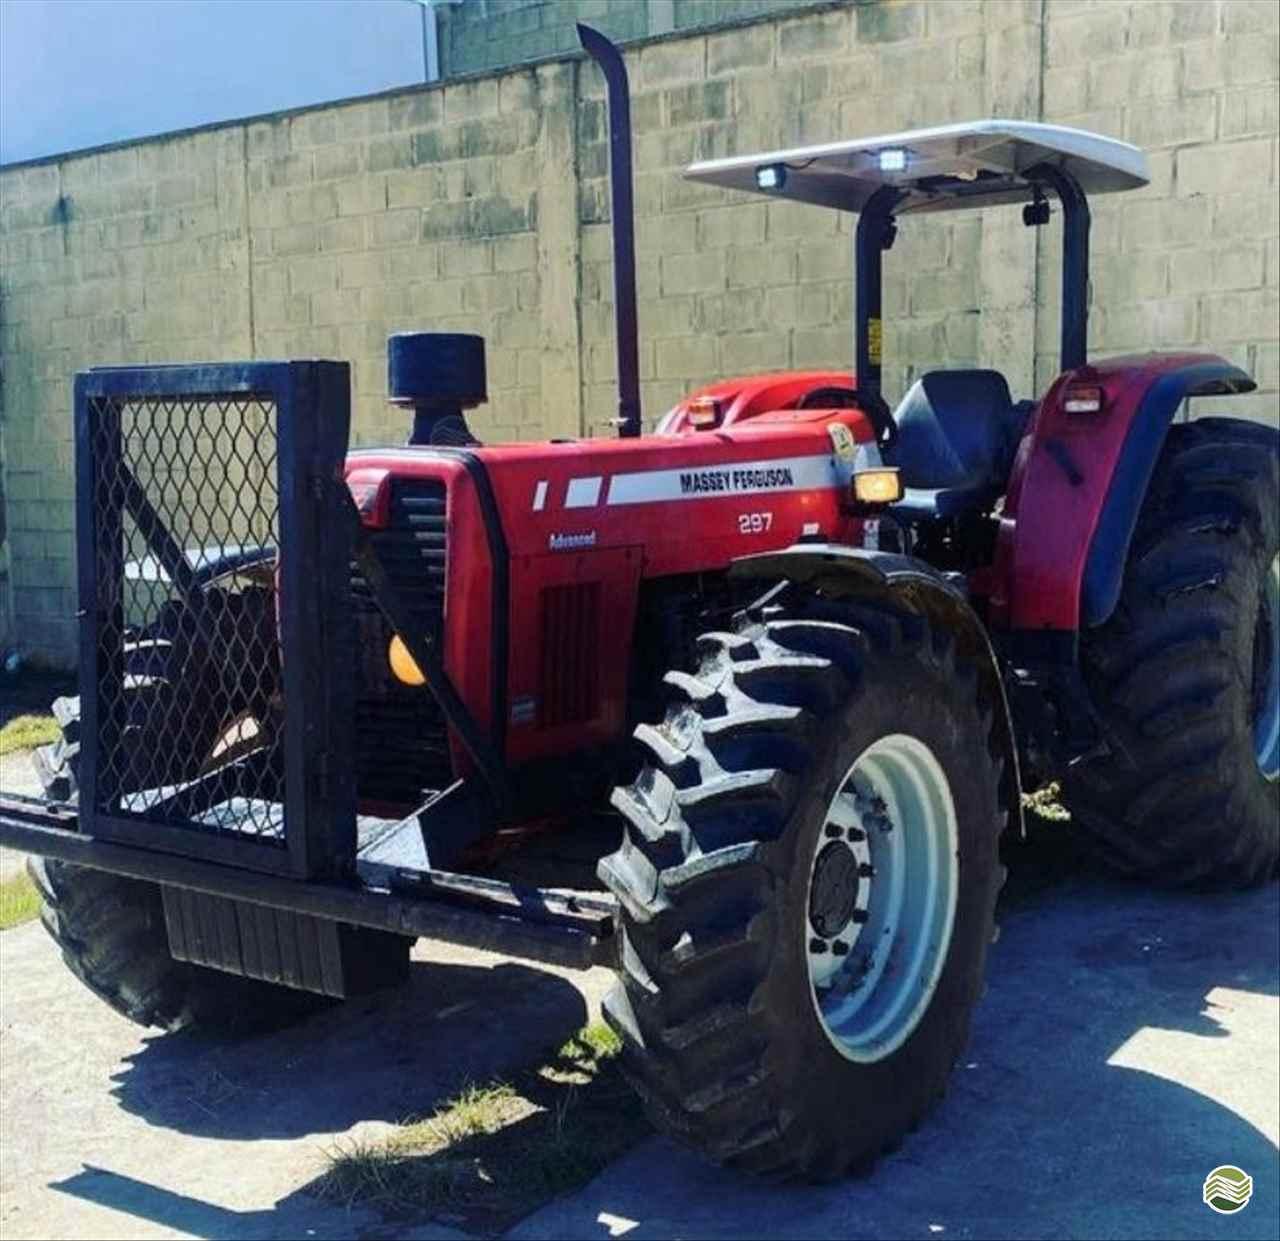 TRATOR MASSEY FERGUSON MF 297 Tração 4x4 Rural Vendas TERRA ROXA PARANÁ PR